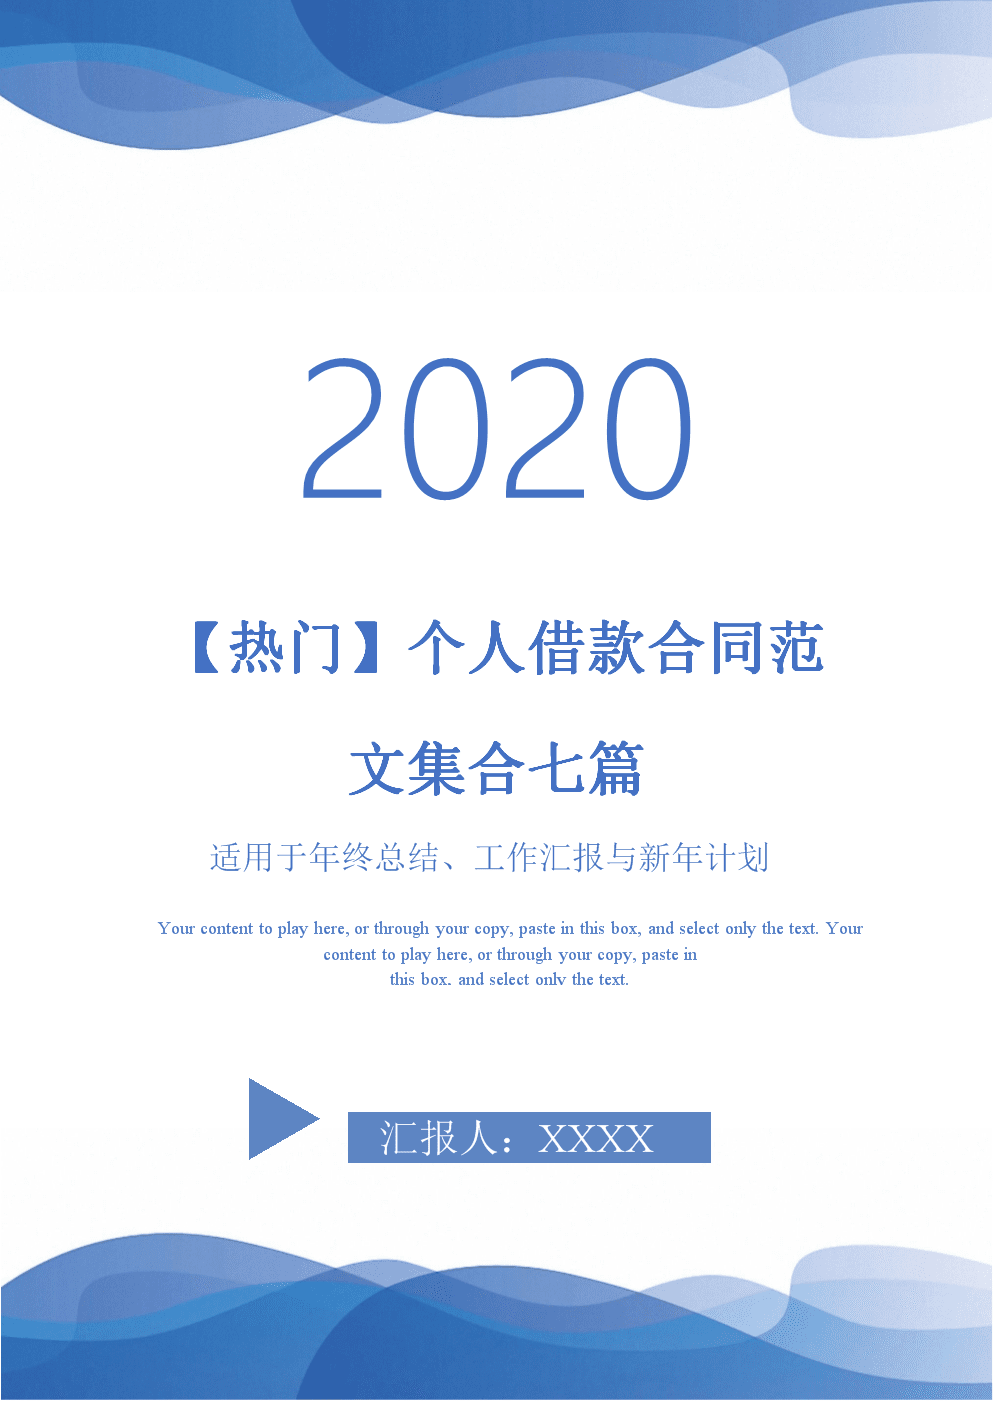 【热门】个人借款合同范文集合七篇.doc